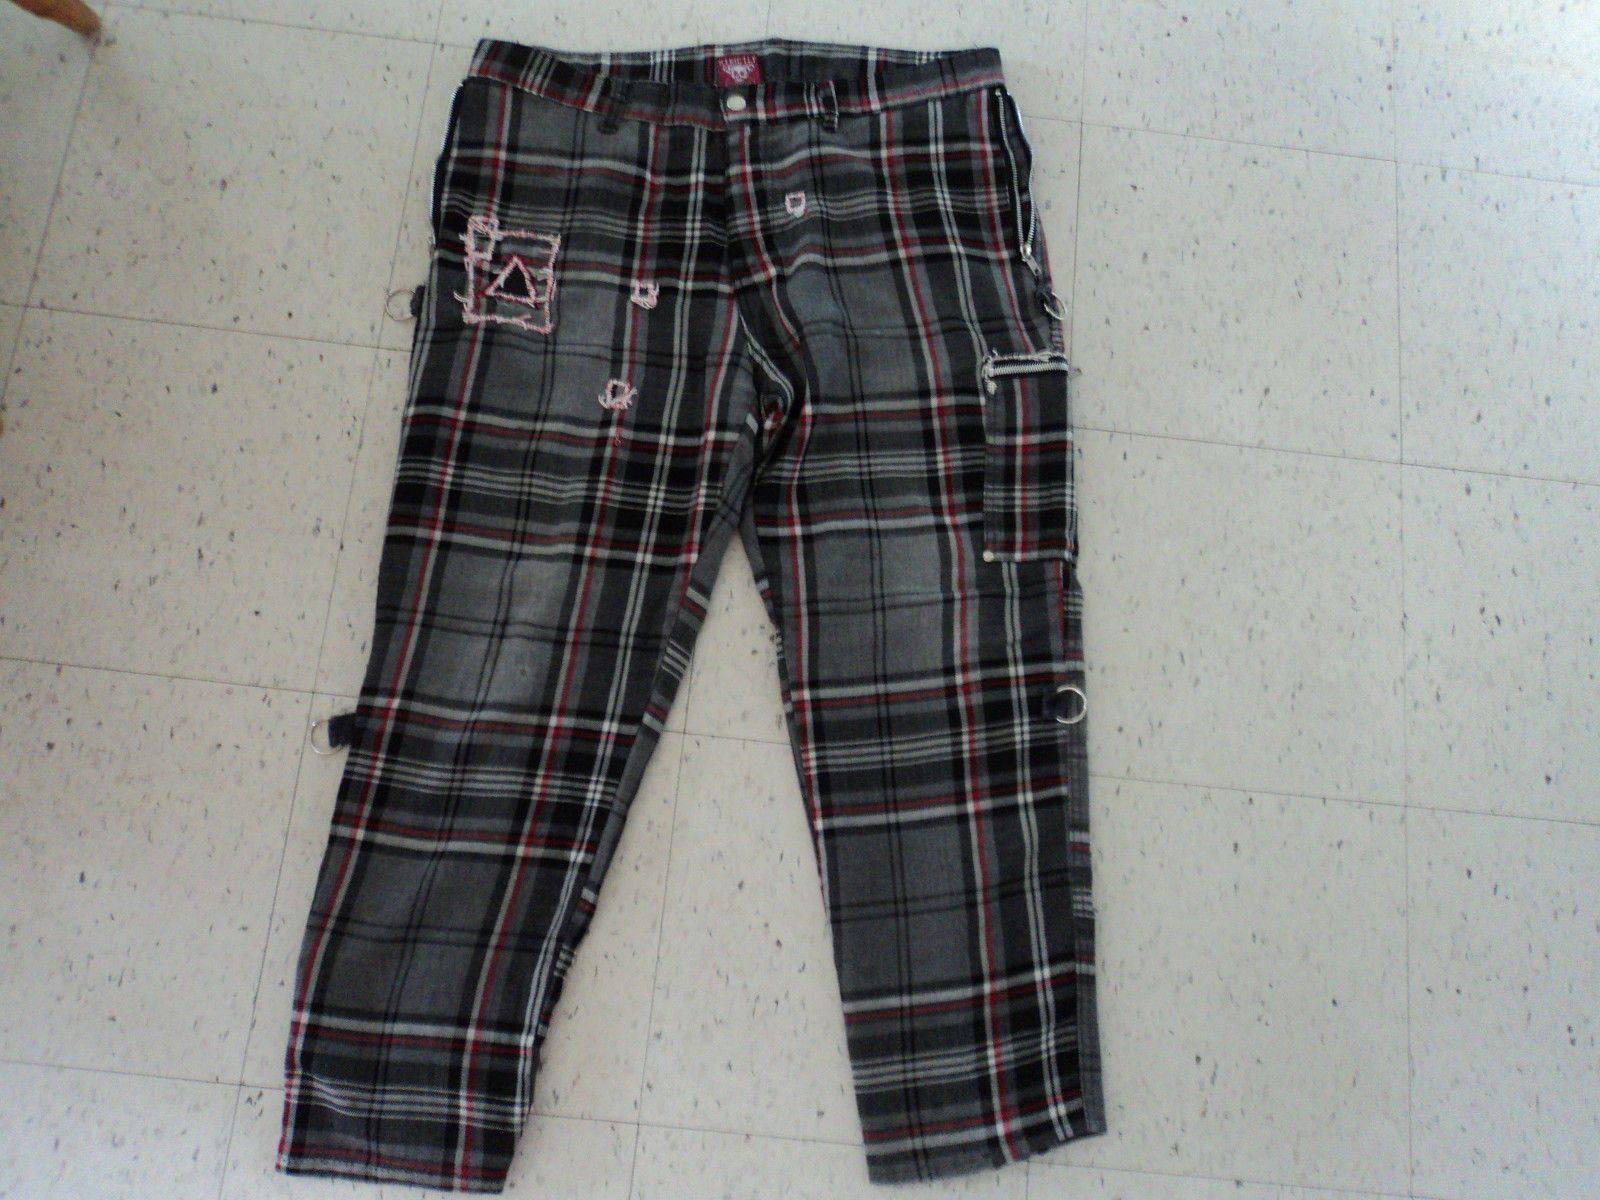 Dogpile Plaid Gray Bondage Pants